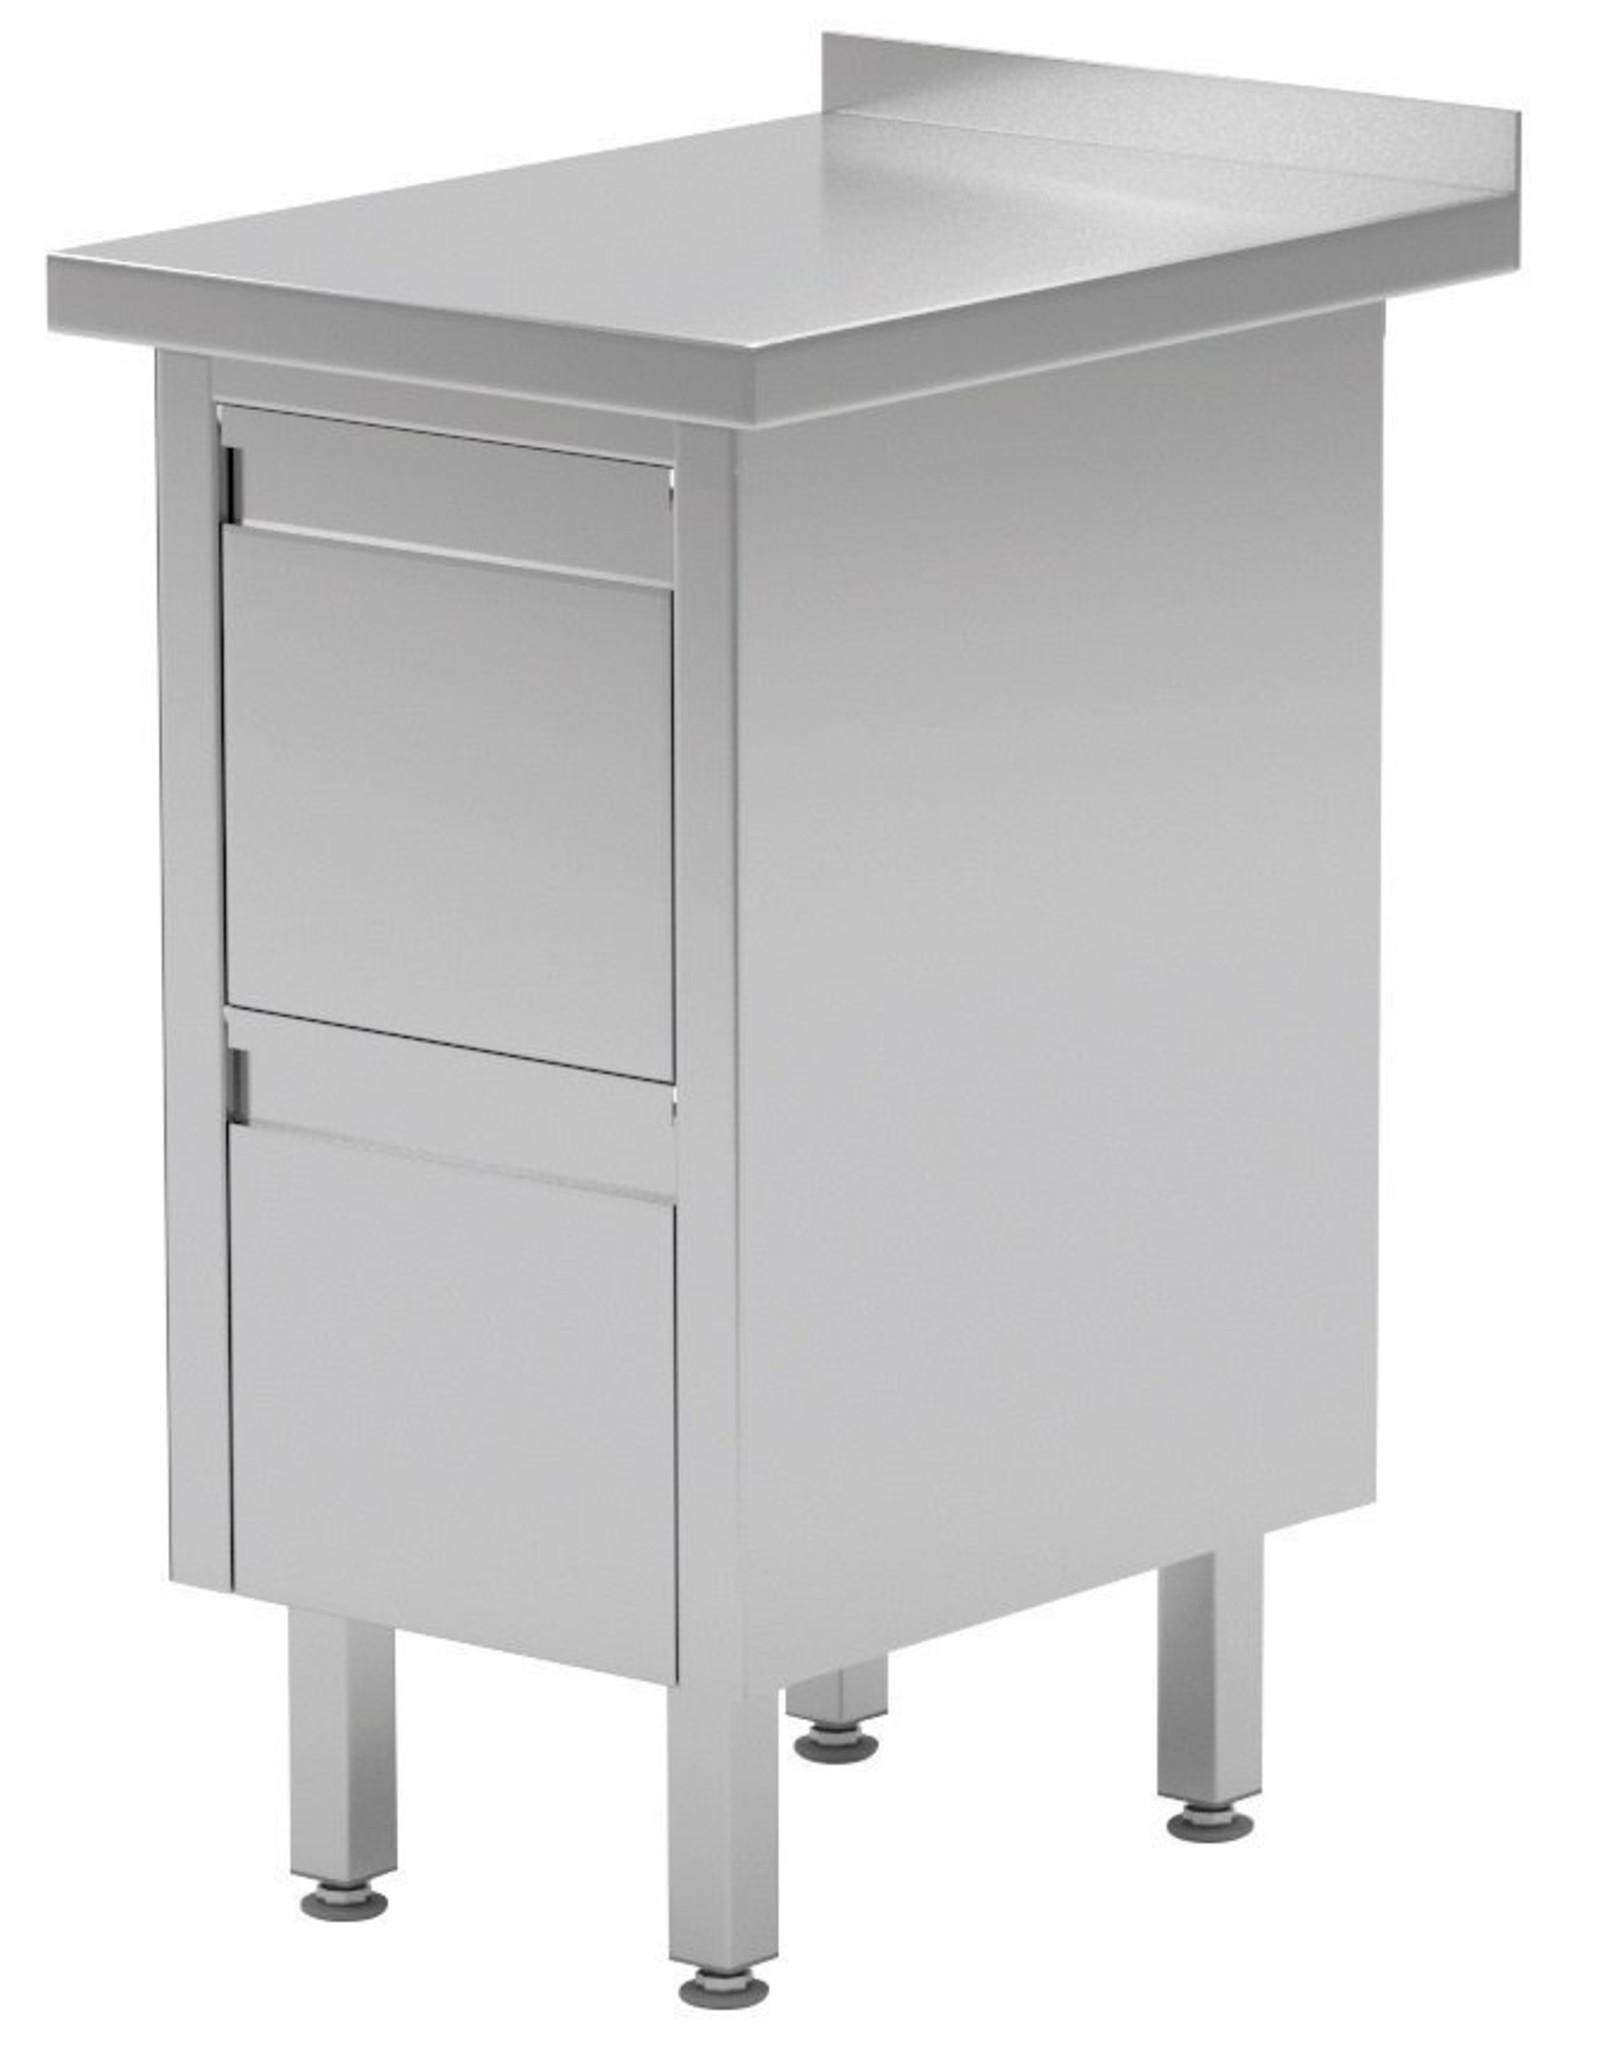 Werktafel met 2 lades | 430mm breed | 600 of 700mm diep